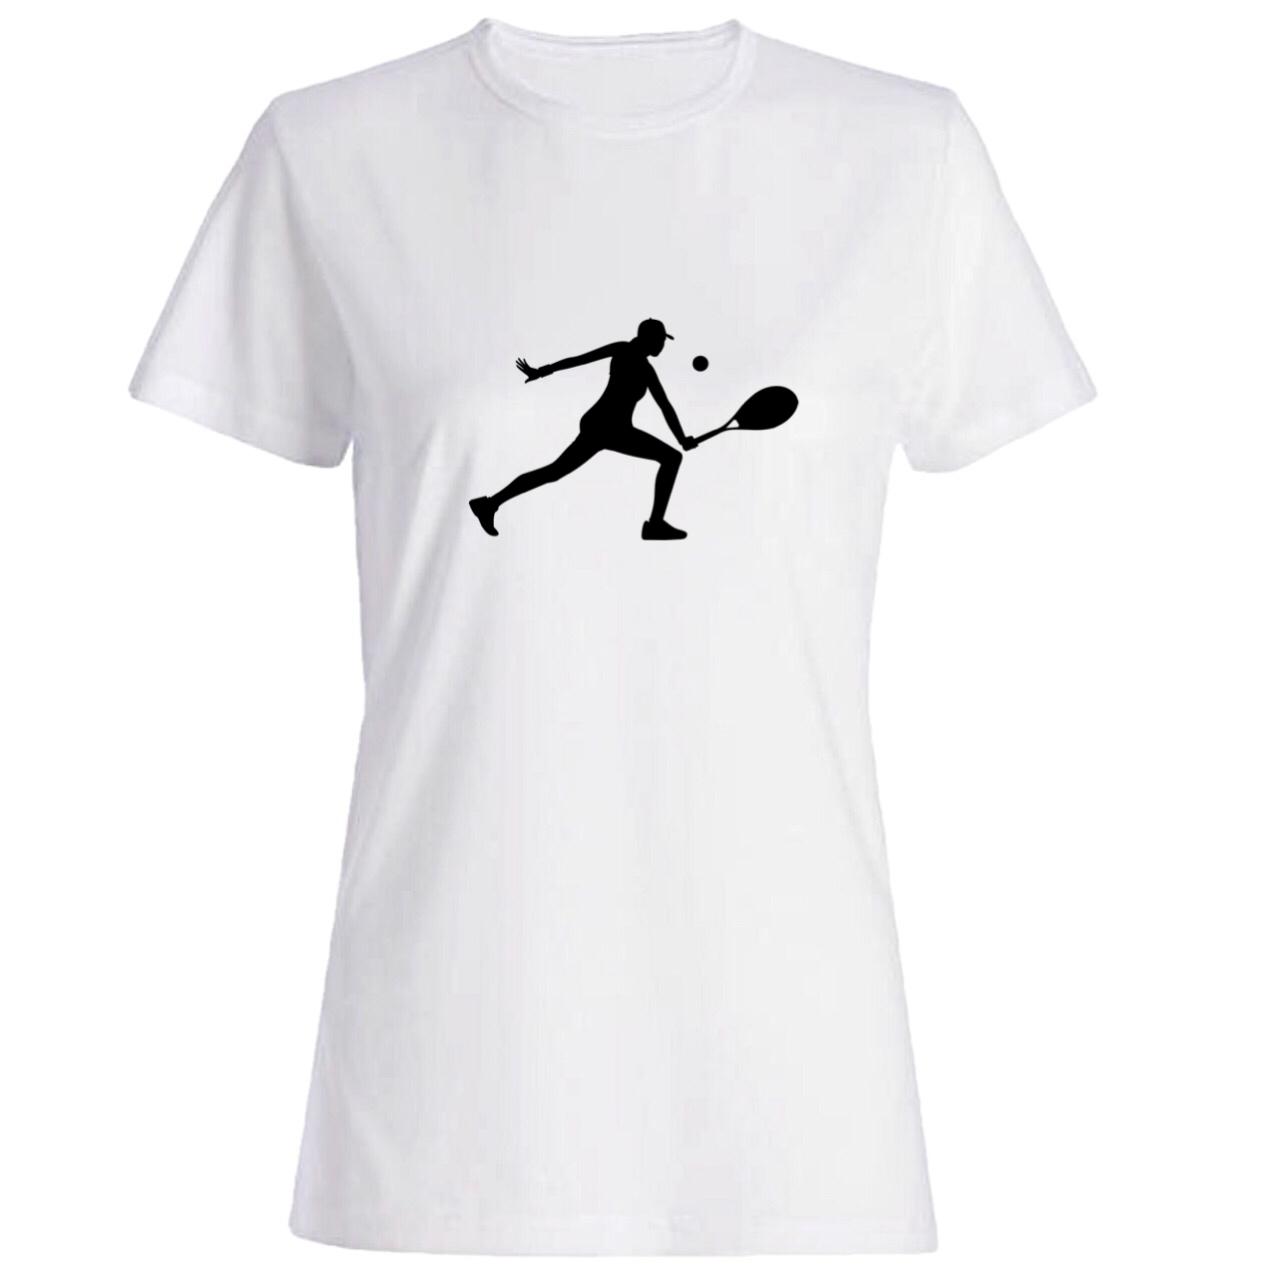 تیشرت زنانه طرح تنیس کد 5352